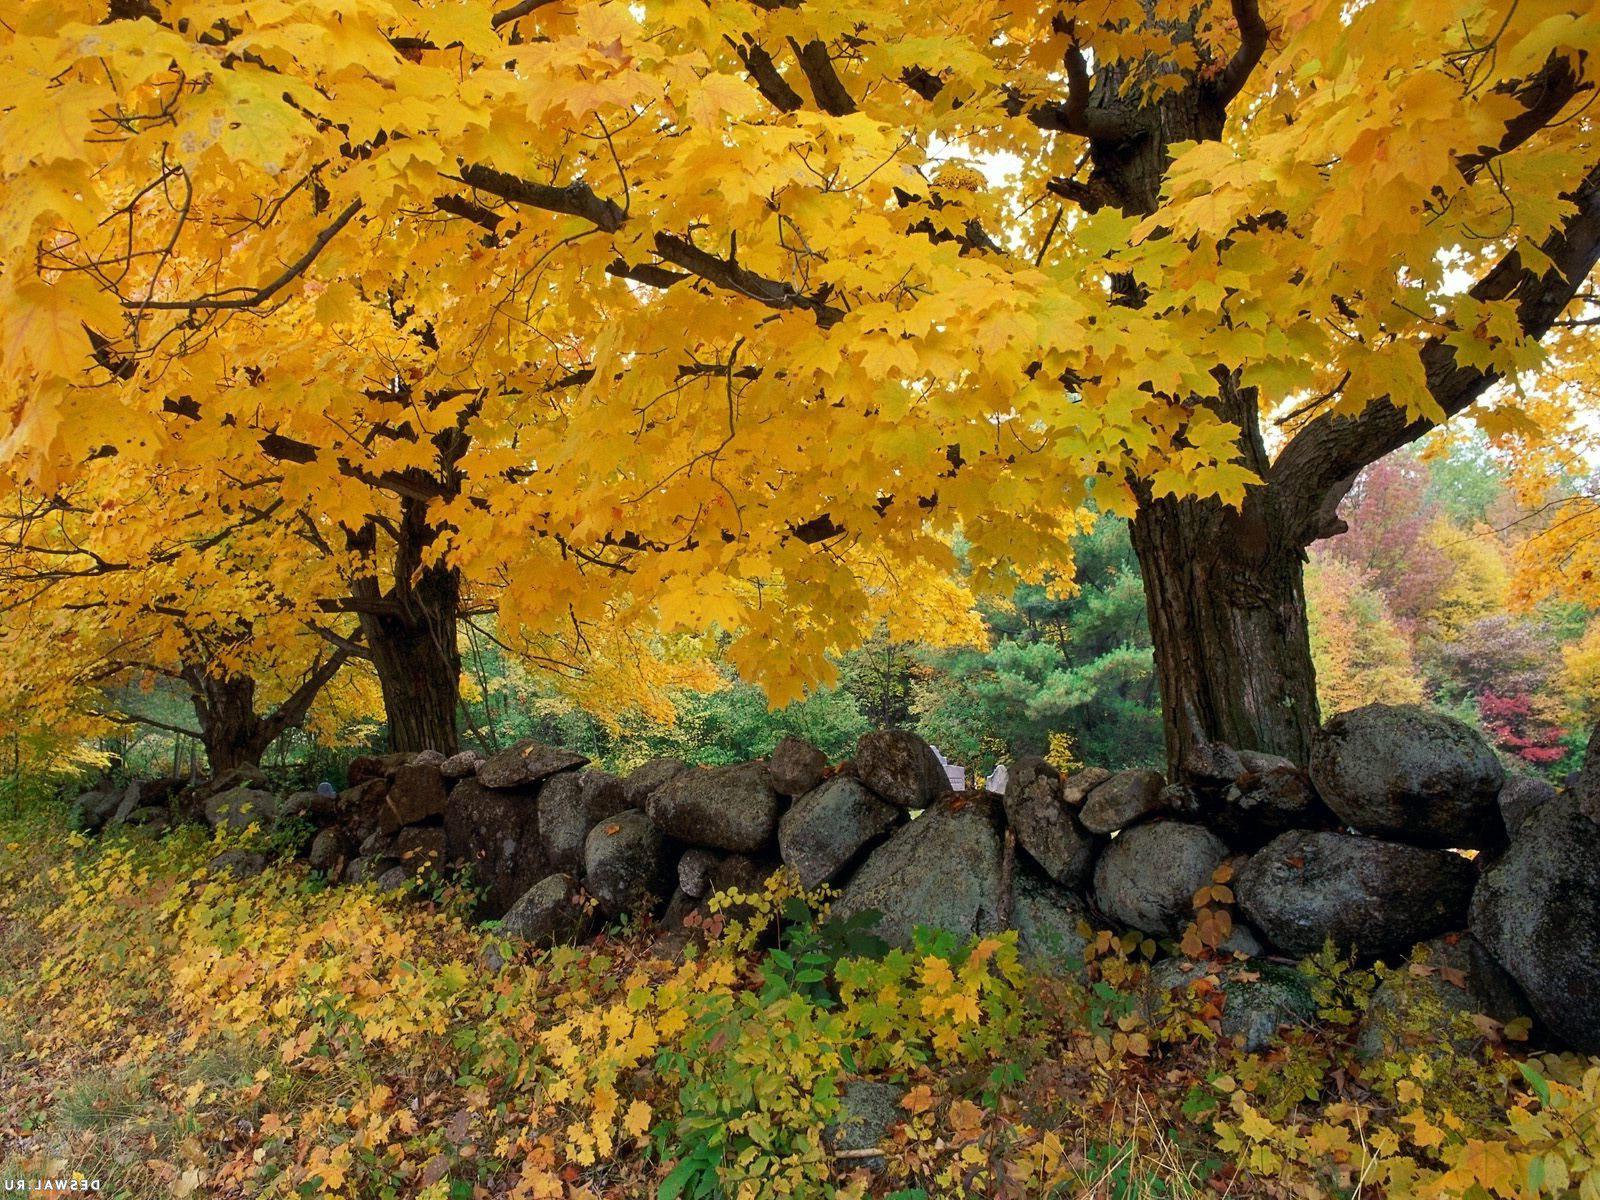 Осень - Деревья с желтыми листьями